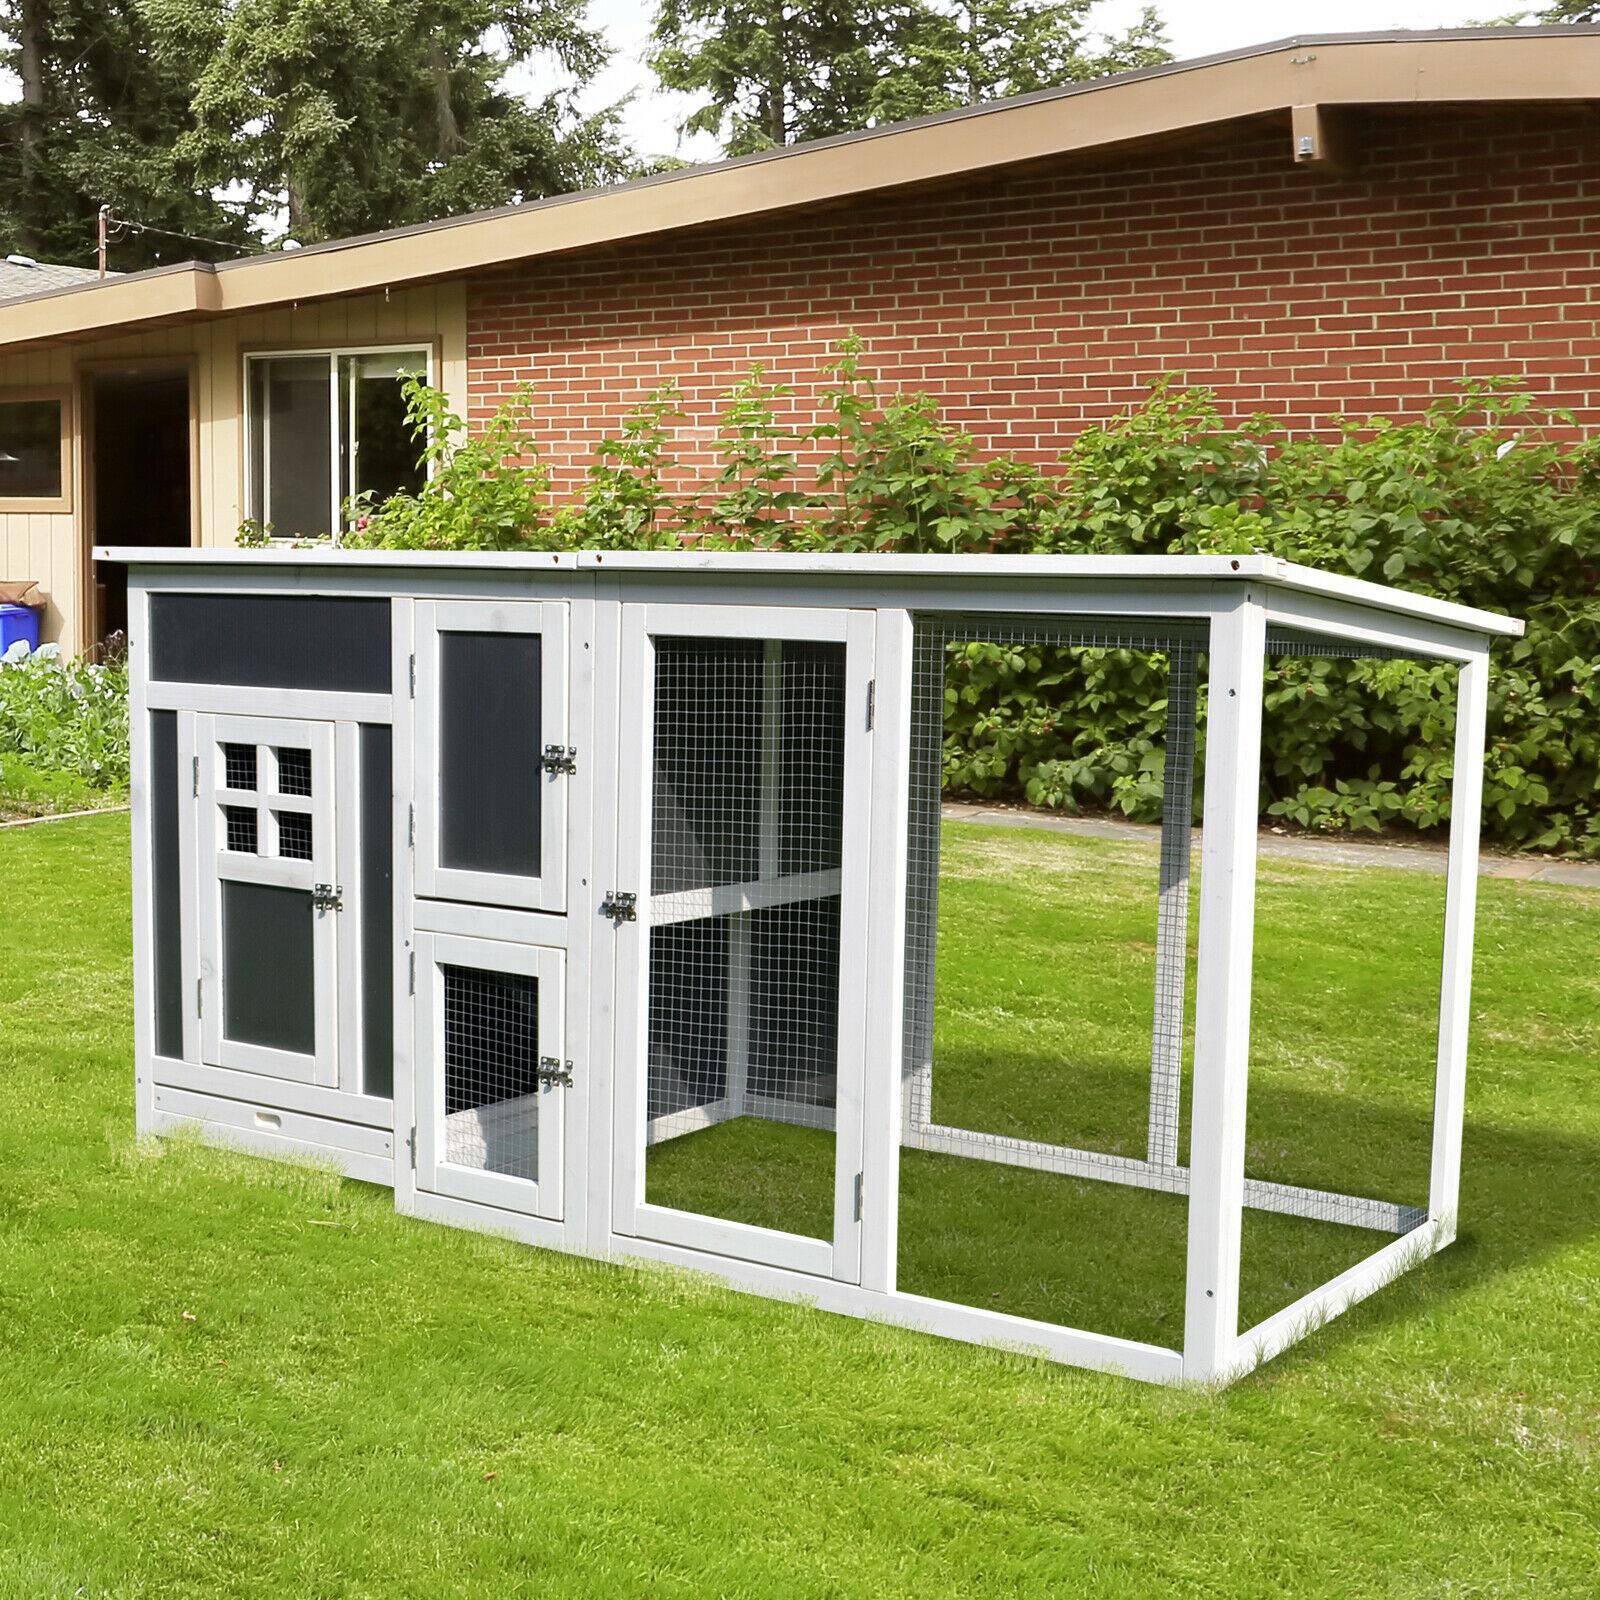 63 Wooden Tall Indoor Outdoor Chicken Coop House W Run Nest Box 842525131230 Ebay Outdoor Indoor Outdoor Coop